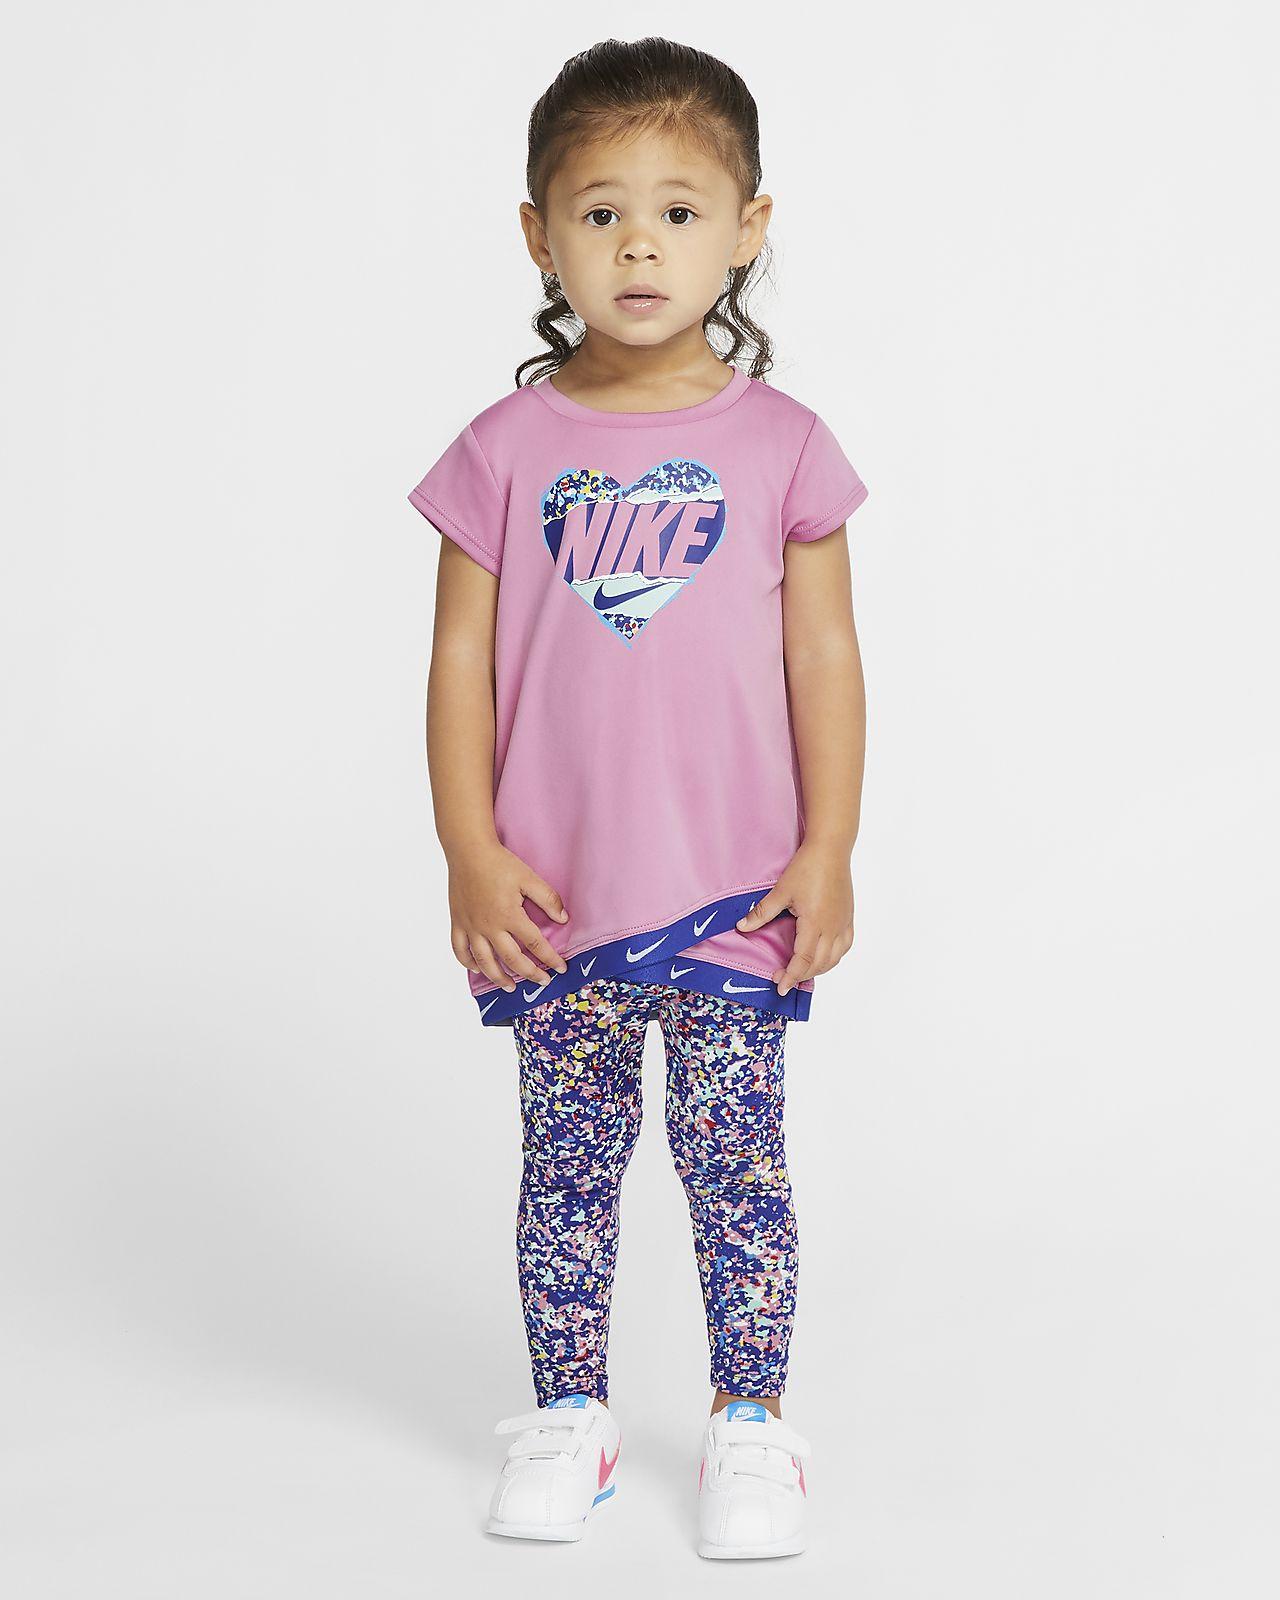 Nike Dri-FIT-sæt med tunikaoverdel og leggings til babyer (12-24 M)